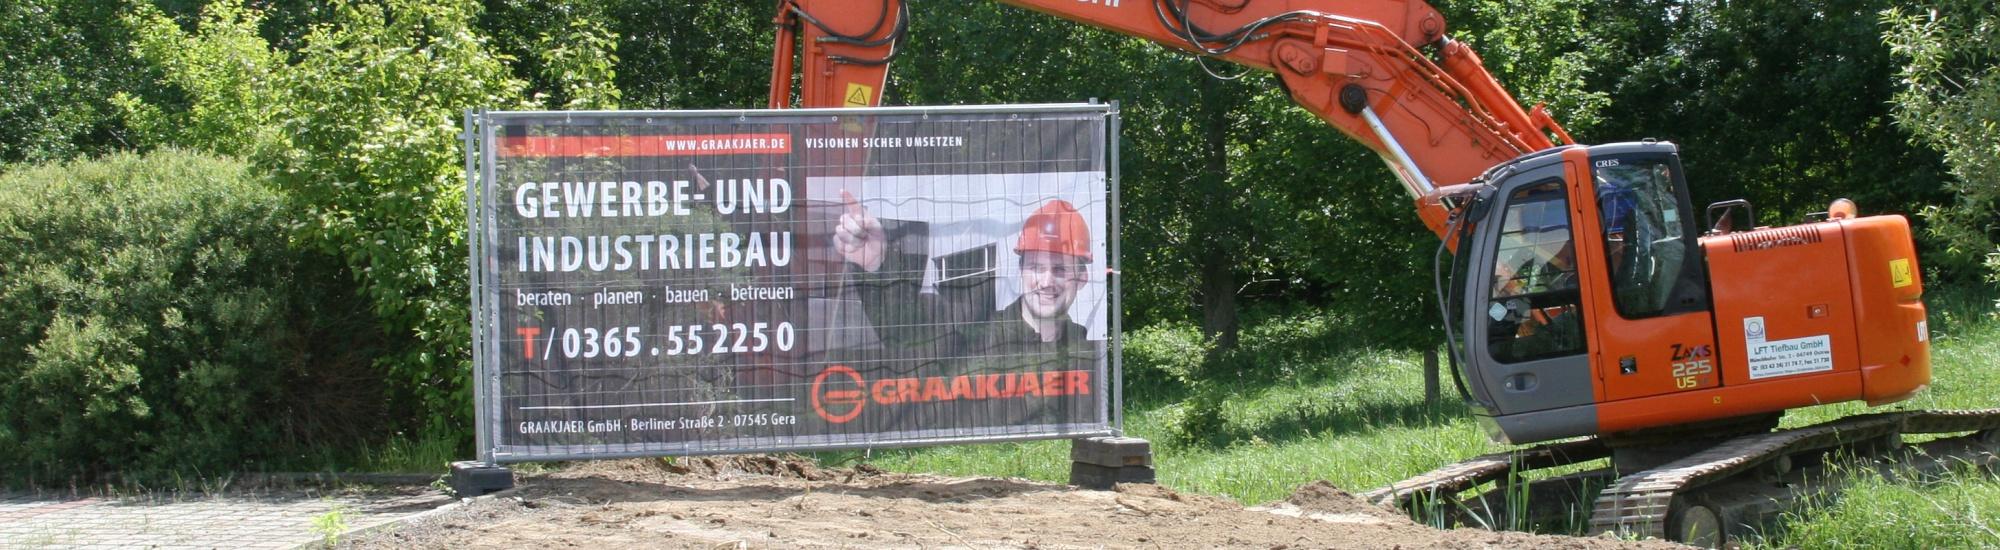 Bauzaunblende Bauzaunbanner Druck auf Gitternetzplane Mesh Premium 280 g/m²